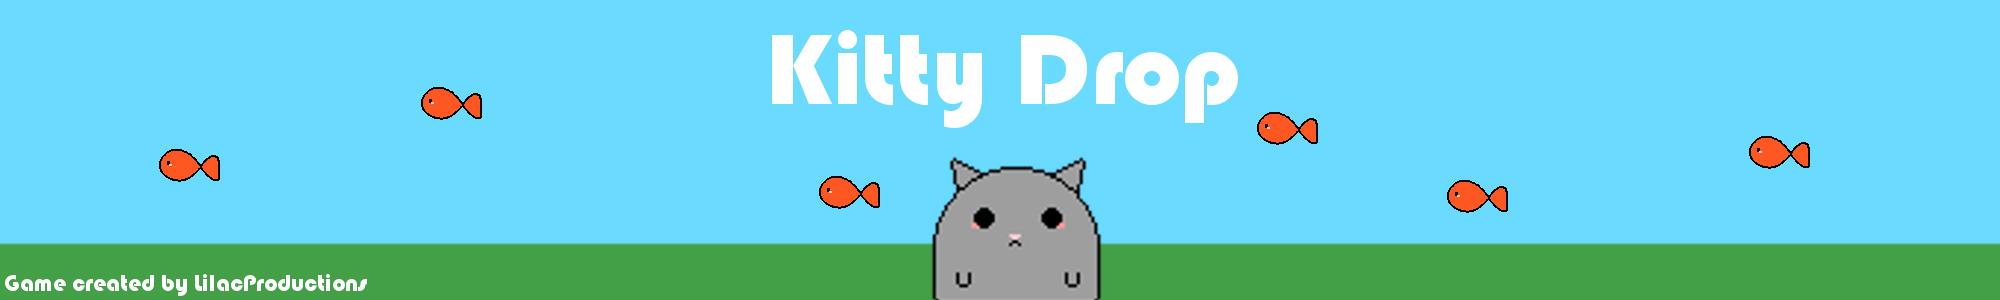 Kitty Drop